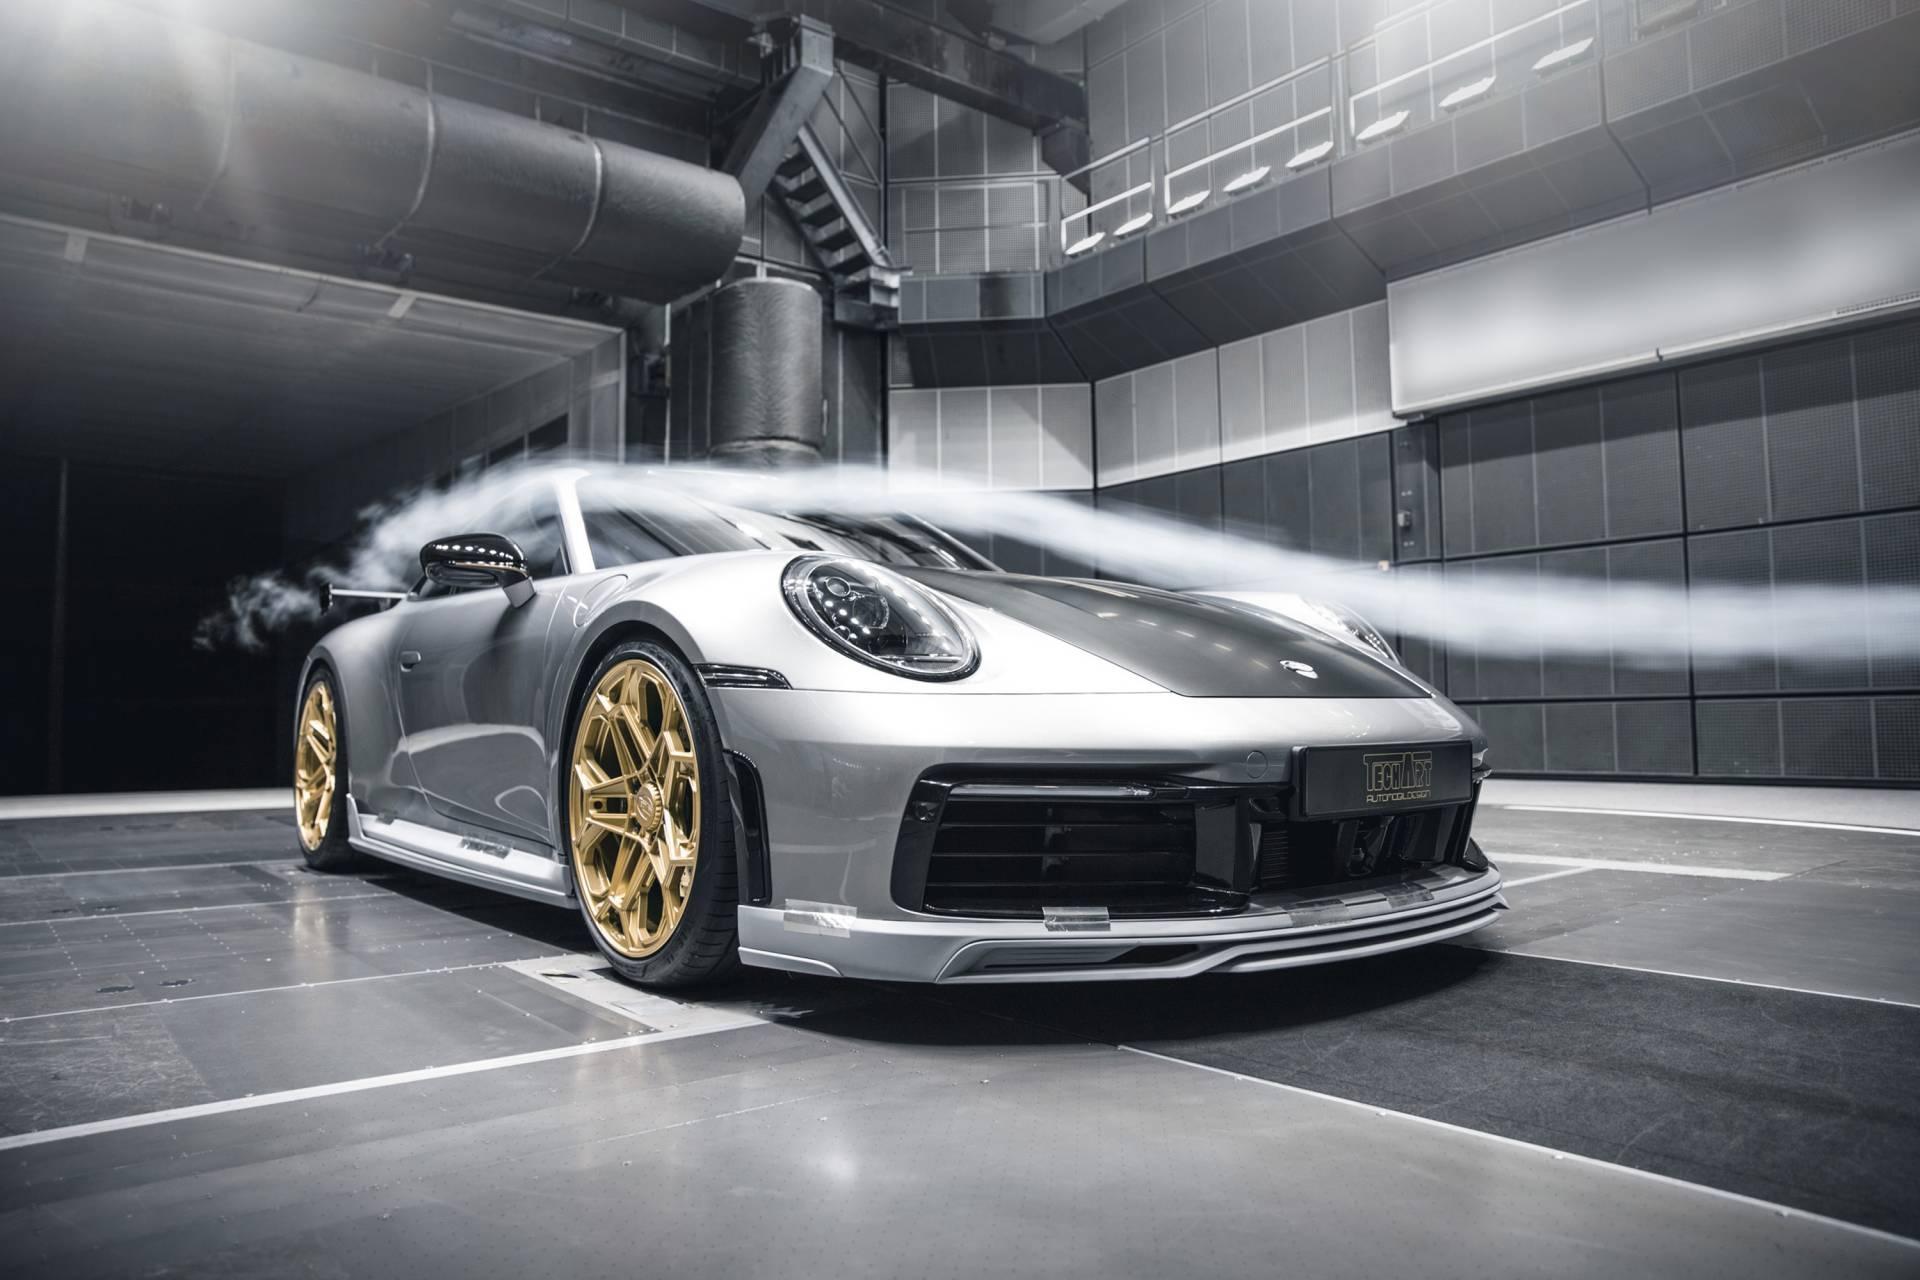 Porsche 911 2020 lot xac voi goi do thu cong hinh anh 55